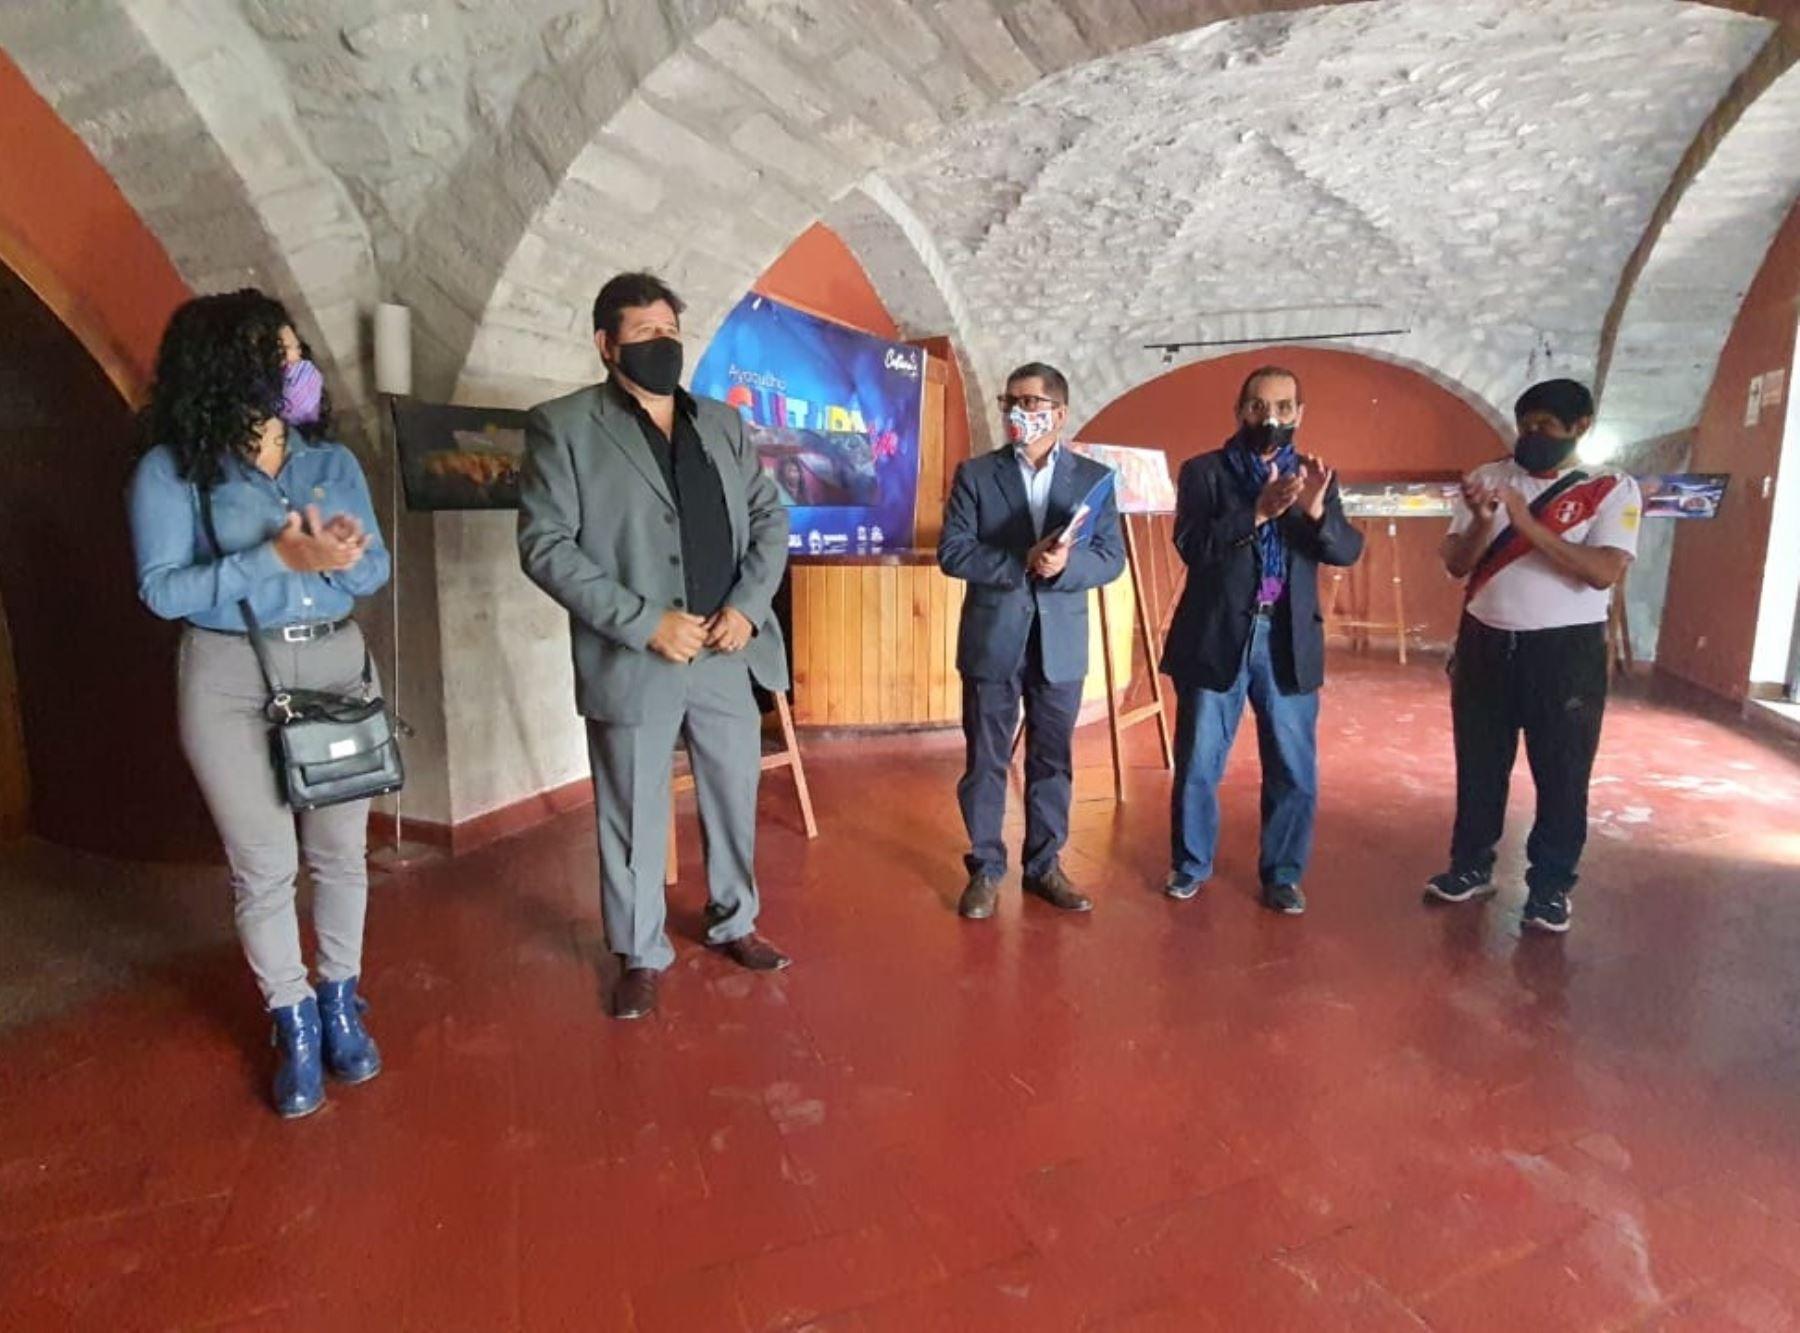 Con una exposición de pinturas y otras actividades la Municipalidad de Huamanga, en Ayacucho, inició las celebraciones por el Bicentenario de la Independencia. ANDINA/Difusión